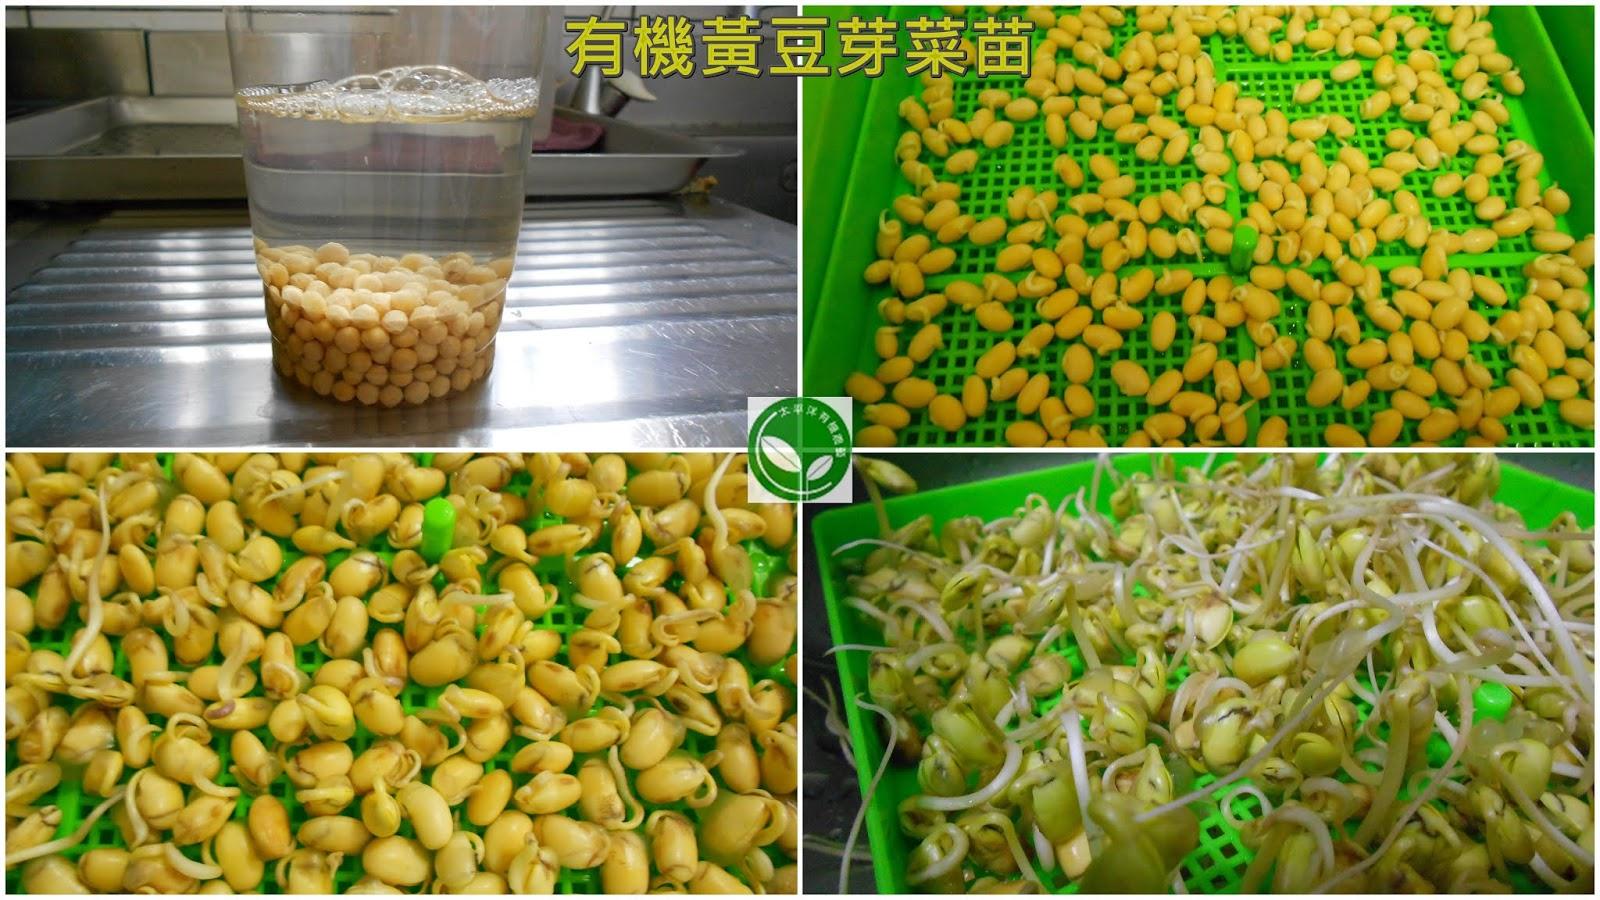 黃豆,有機黃豆,台灣黃豆,涼拌黃豆芽,如何孵黃豆芽,種黃豆芽,可催芽黃豆,有機可催芽黃豆,黃豆催芽,黃豆食譜